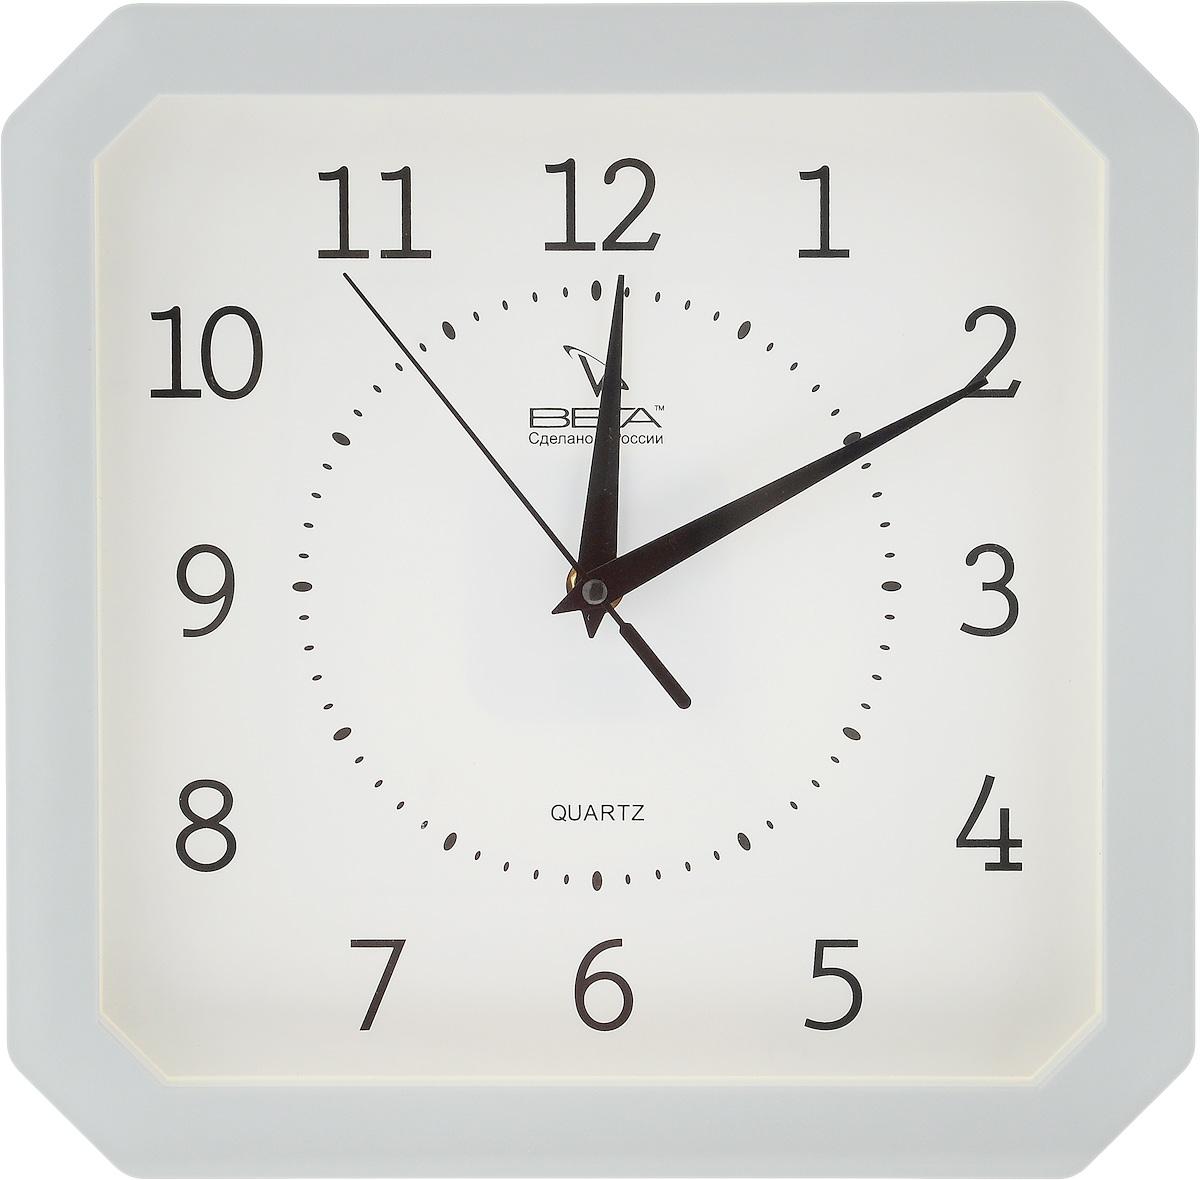 Часы настенные Вега Классика, цвет: серый, белый, 27,5 х 27,5 смП4-5/7-19Настенные кварцевые часы Вега Классика, изготовленные из пластика, прекрасно впишутся в интерьер вашего дома. Часы имеют три стрелки: часовую, минутную и секундную, циферблат защищен прозрачным стеклом. Часы работают от 1 батарейки типа АА напряжением 1,5 В (не входит в комплект). Прилагается инструкция по эксплуатации.